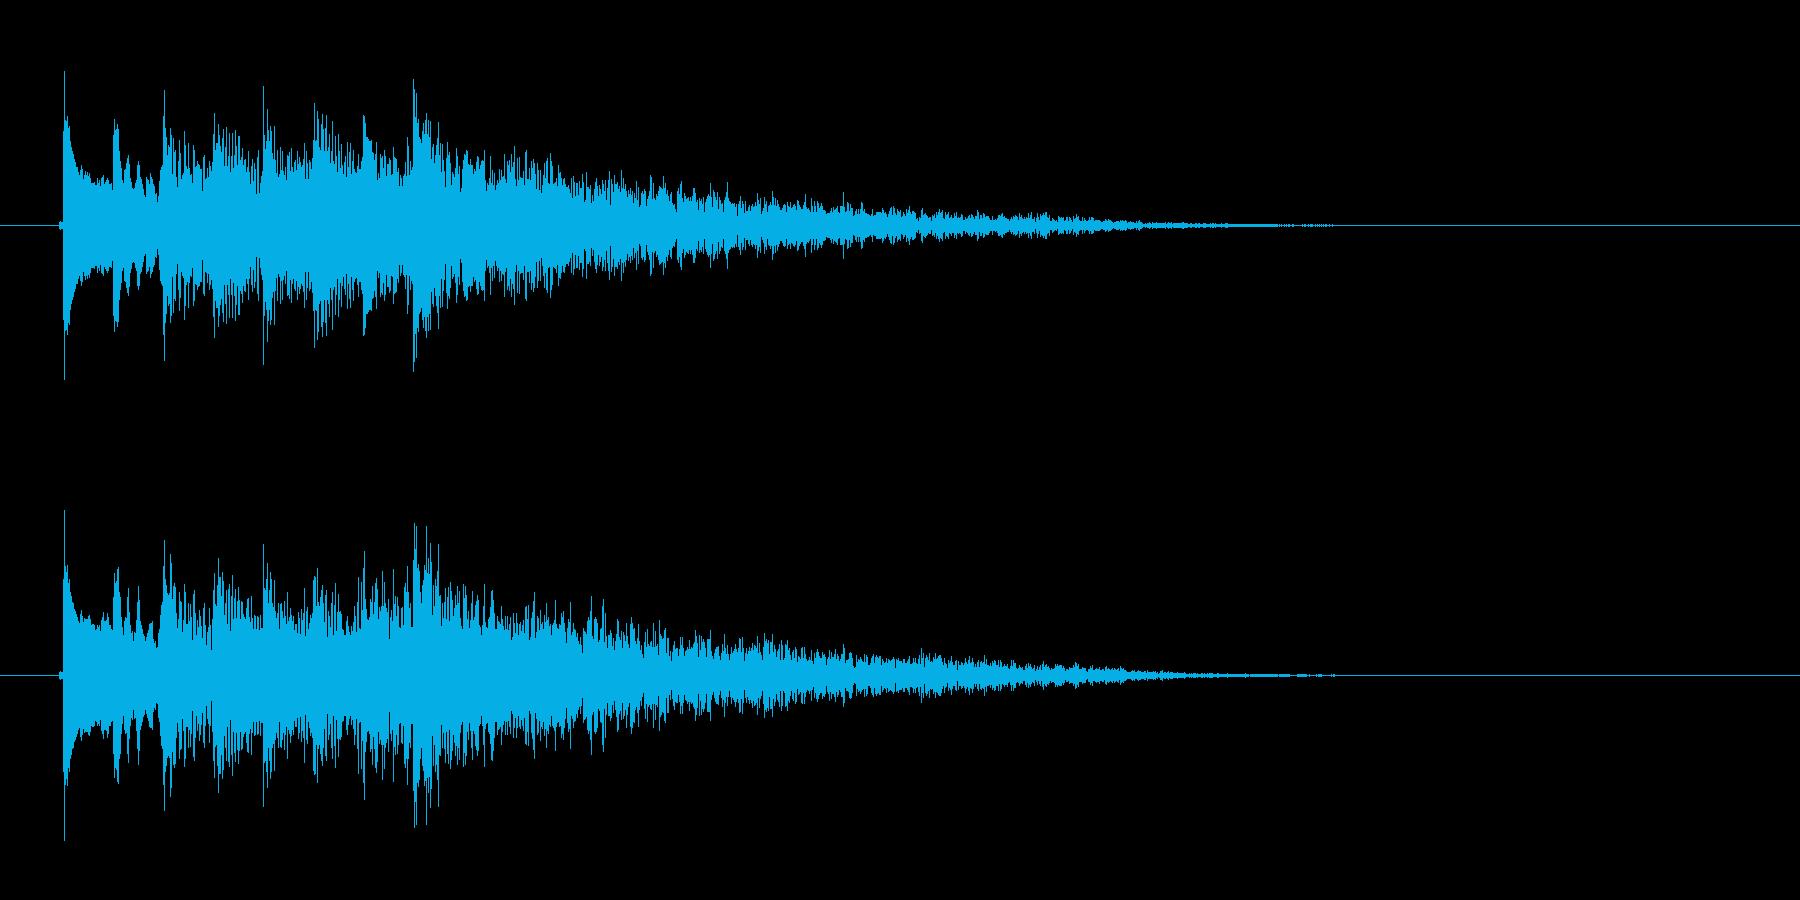 透明感のある弦楽器サウンドの再生済みの波形